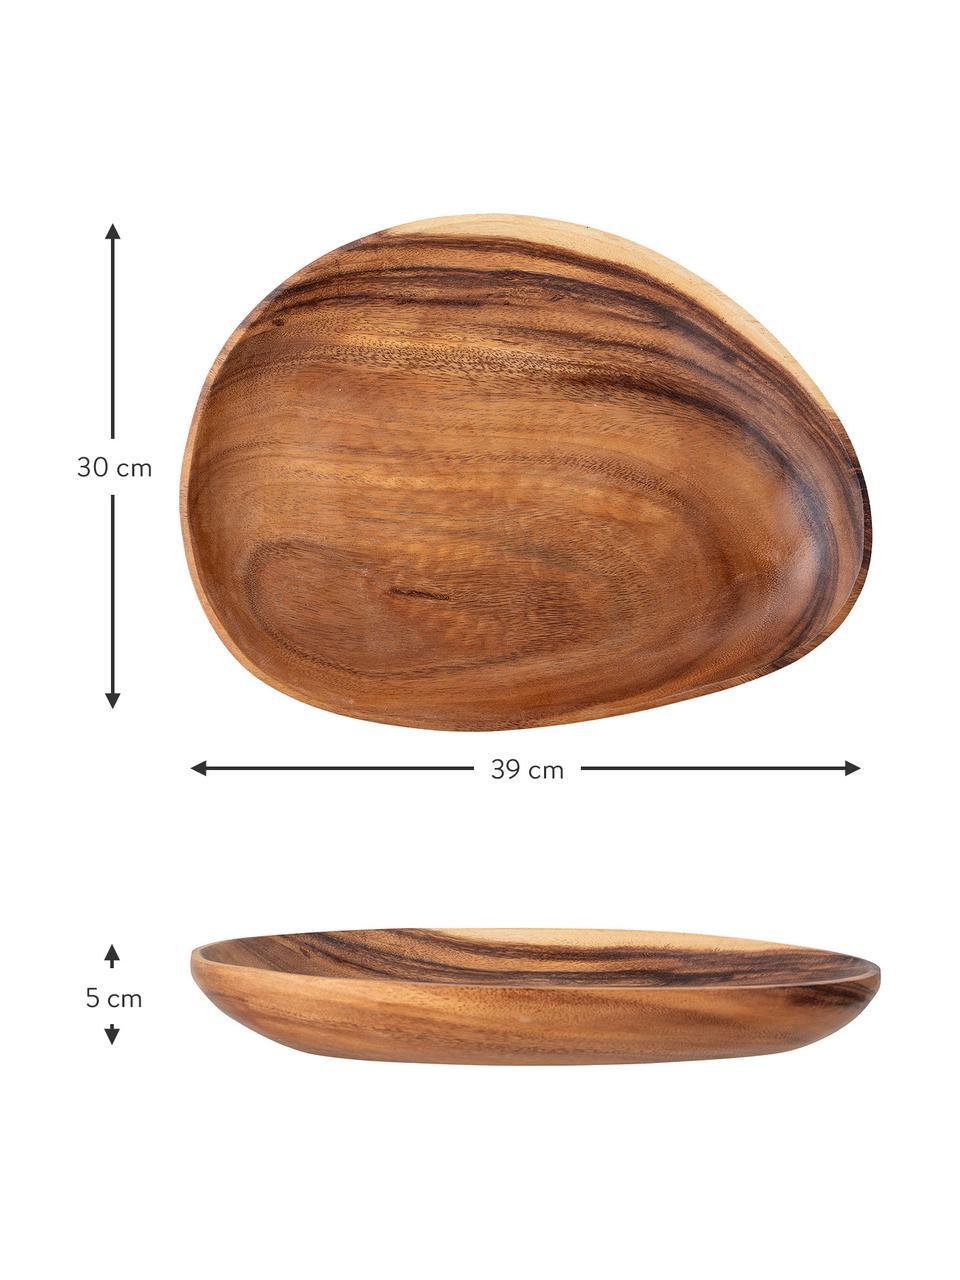 Miska dekoracyjna z drewna akacjowego Lodig, Drewno akacjowe, olejowane, Drewno akacjowe, S 39 x G 30 cm